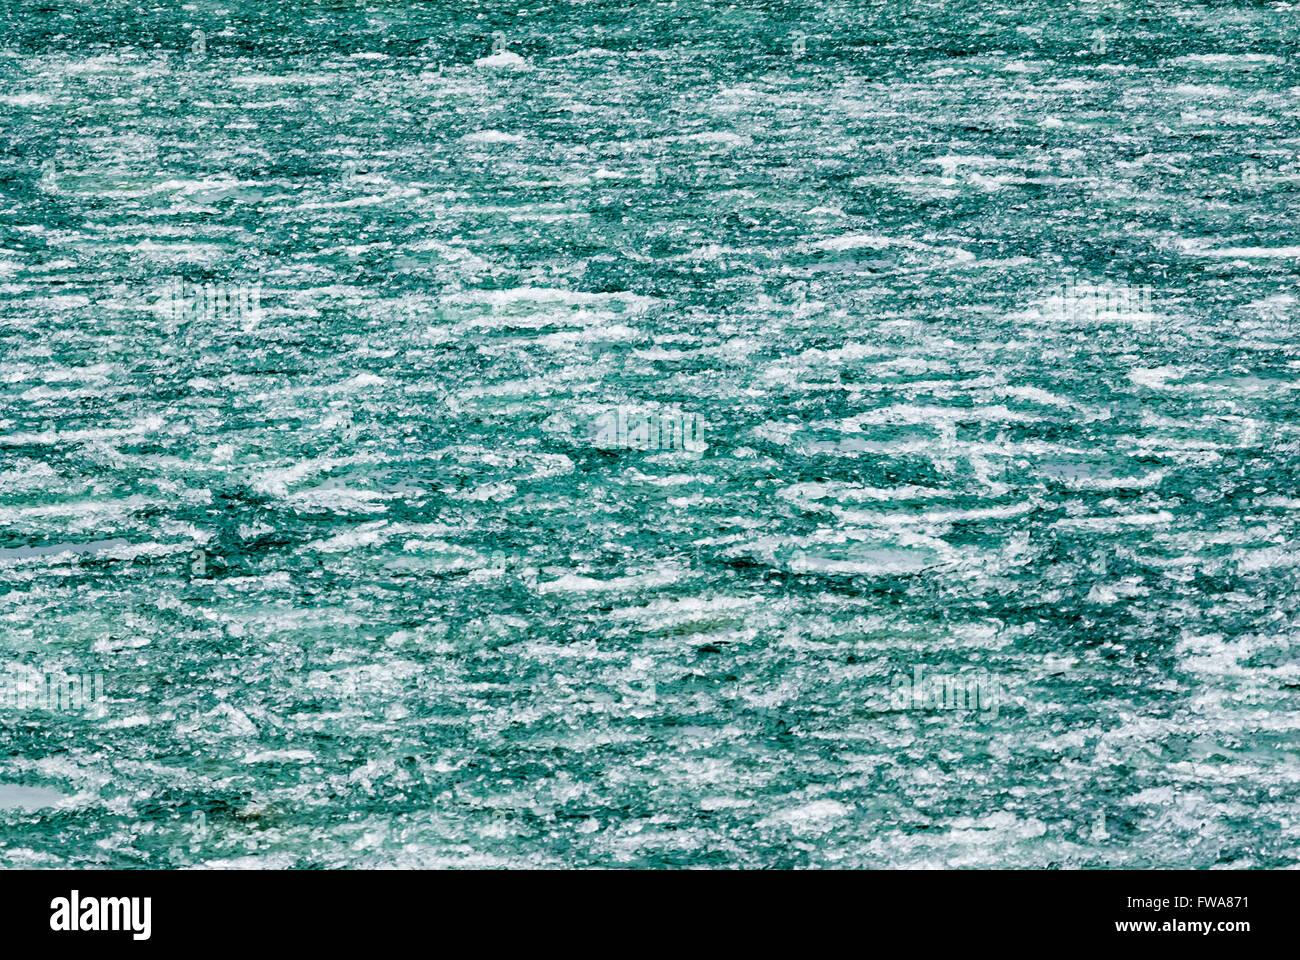 Résumé fond de blanc et vert formations de glace sur la rivière. Banque D'Images